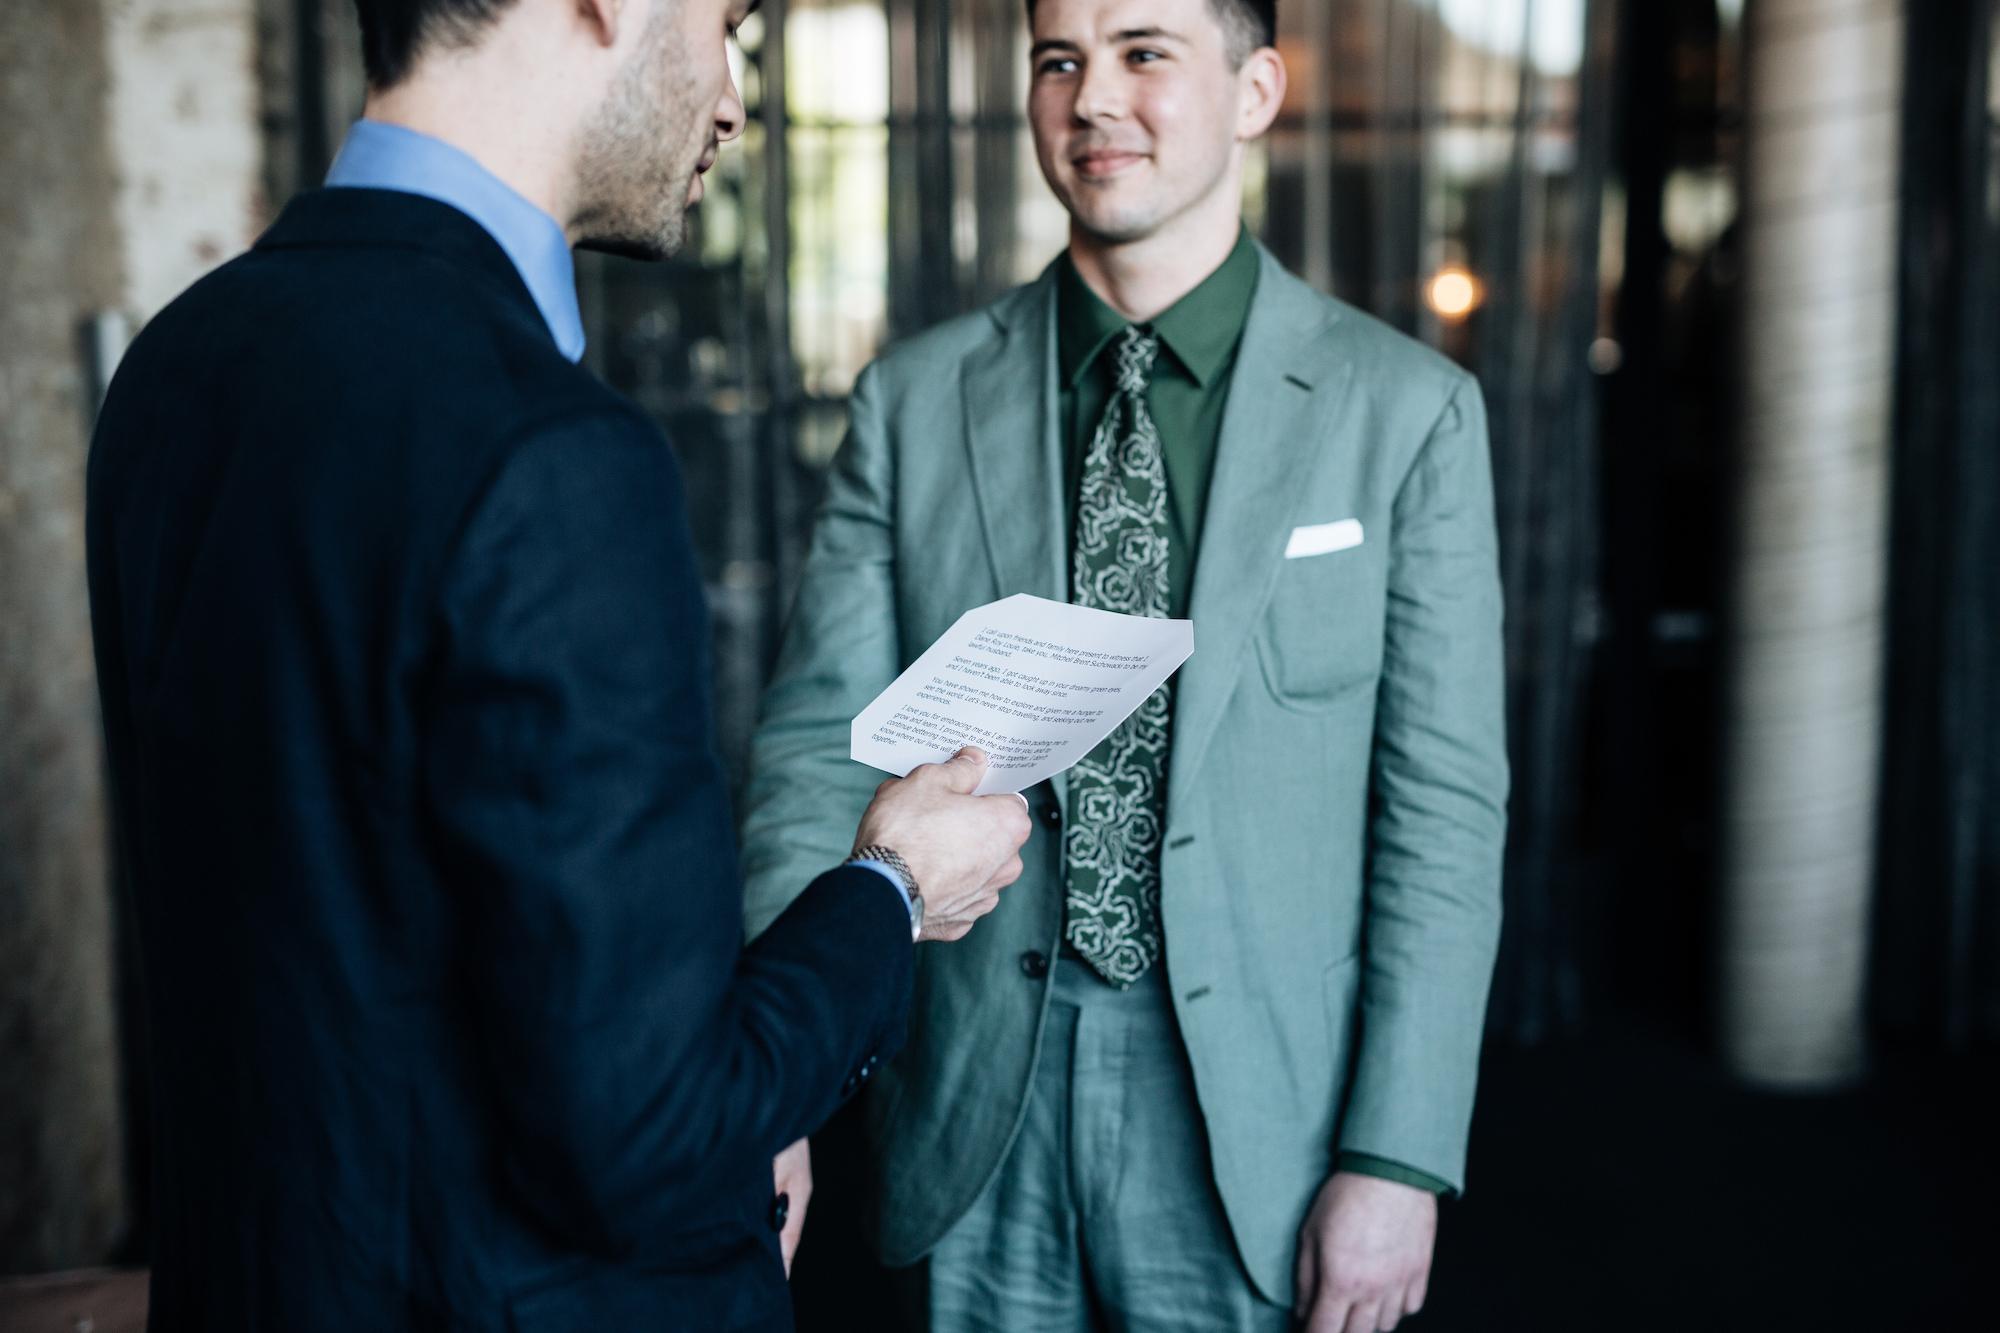 Mitch & Dane_Married 21 Oct 2018_Photo by Savannah van der Niet-131.jpg